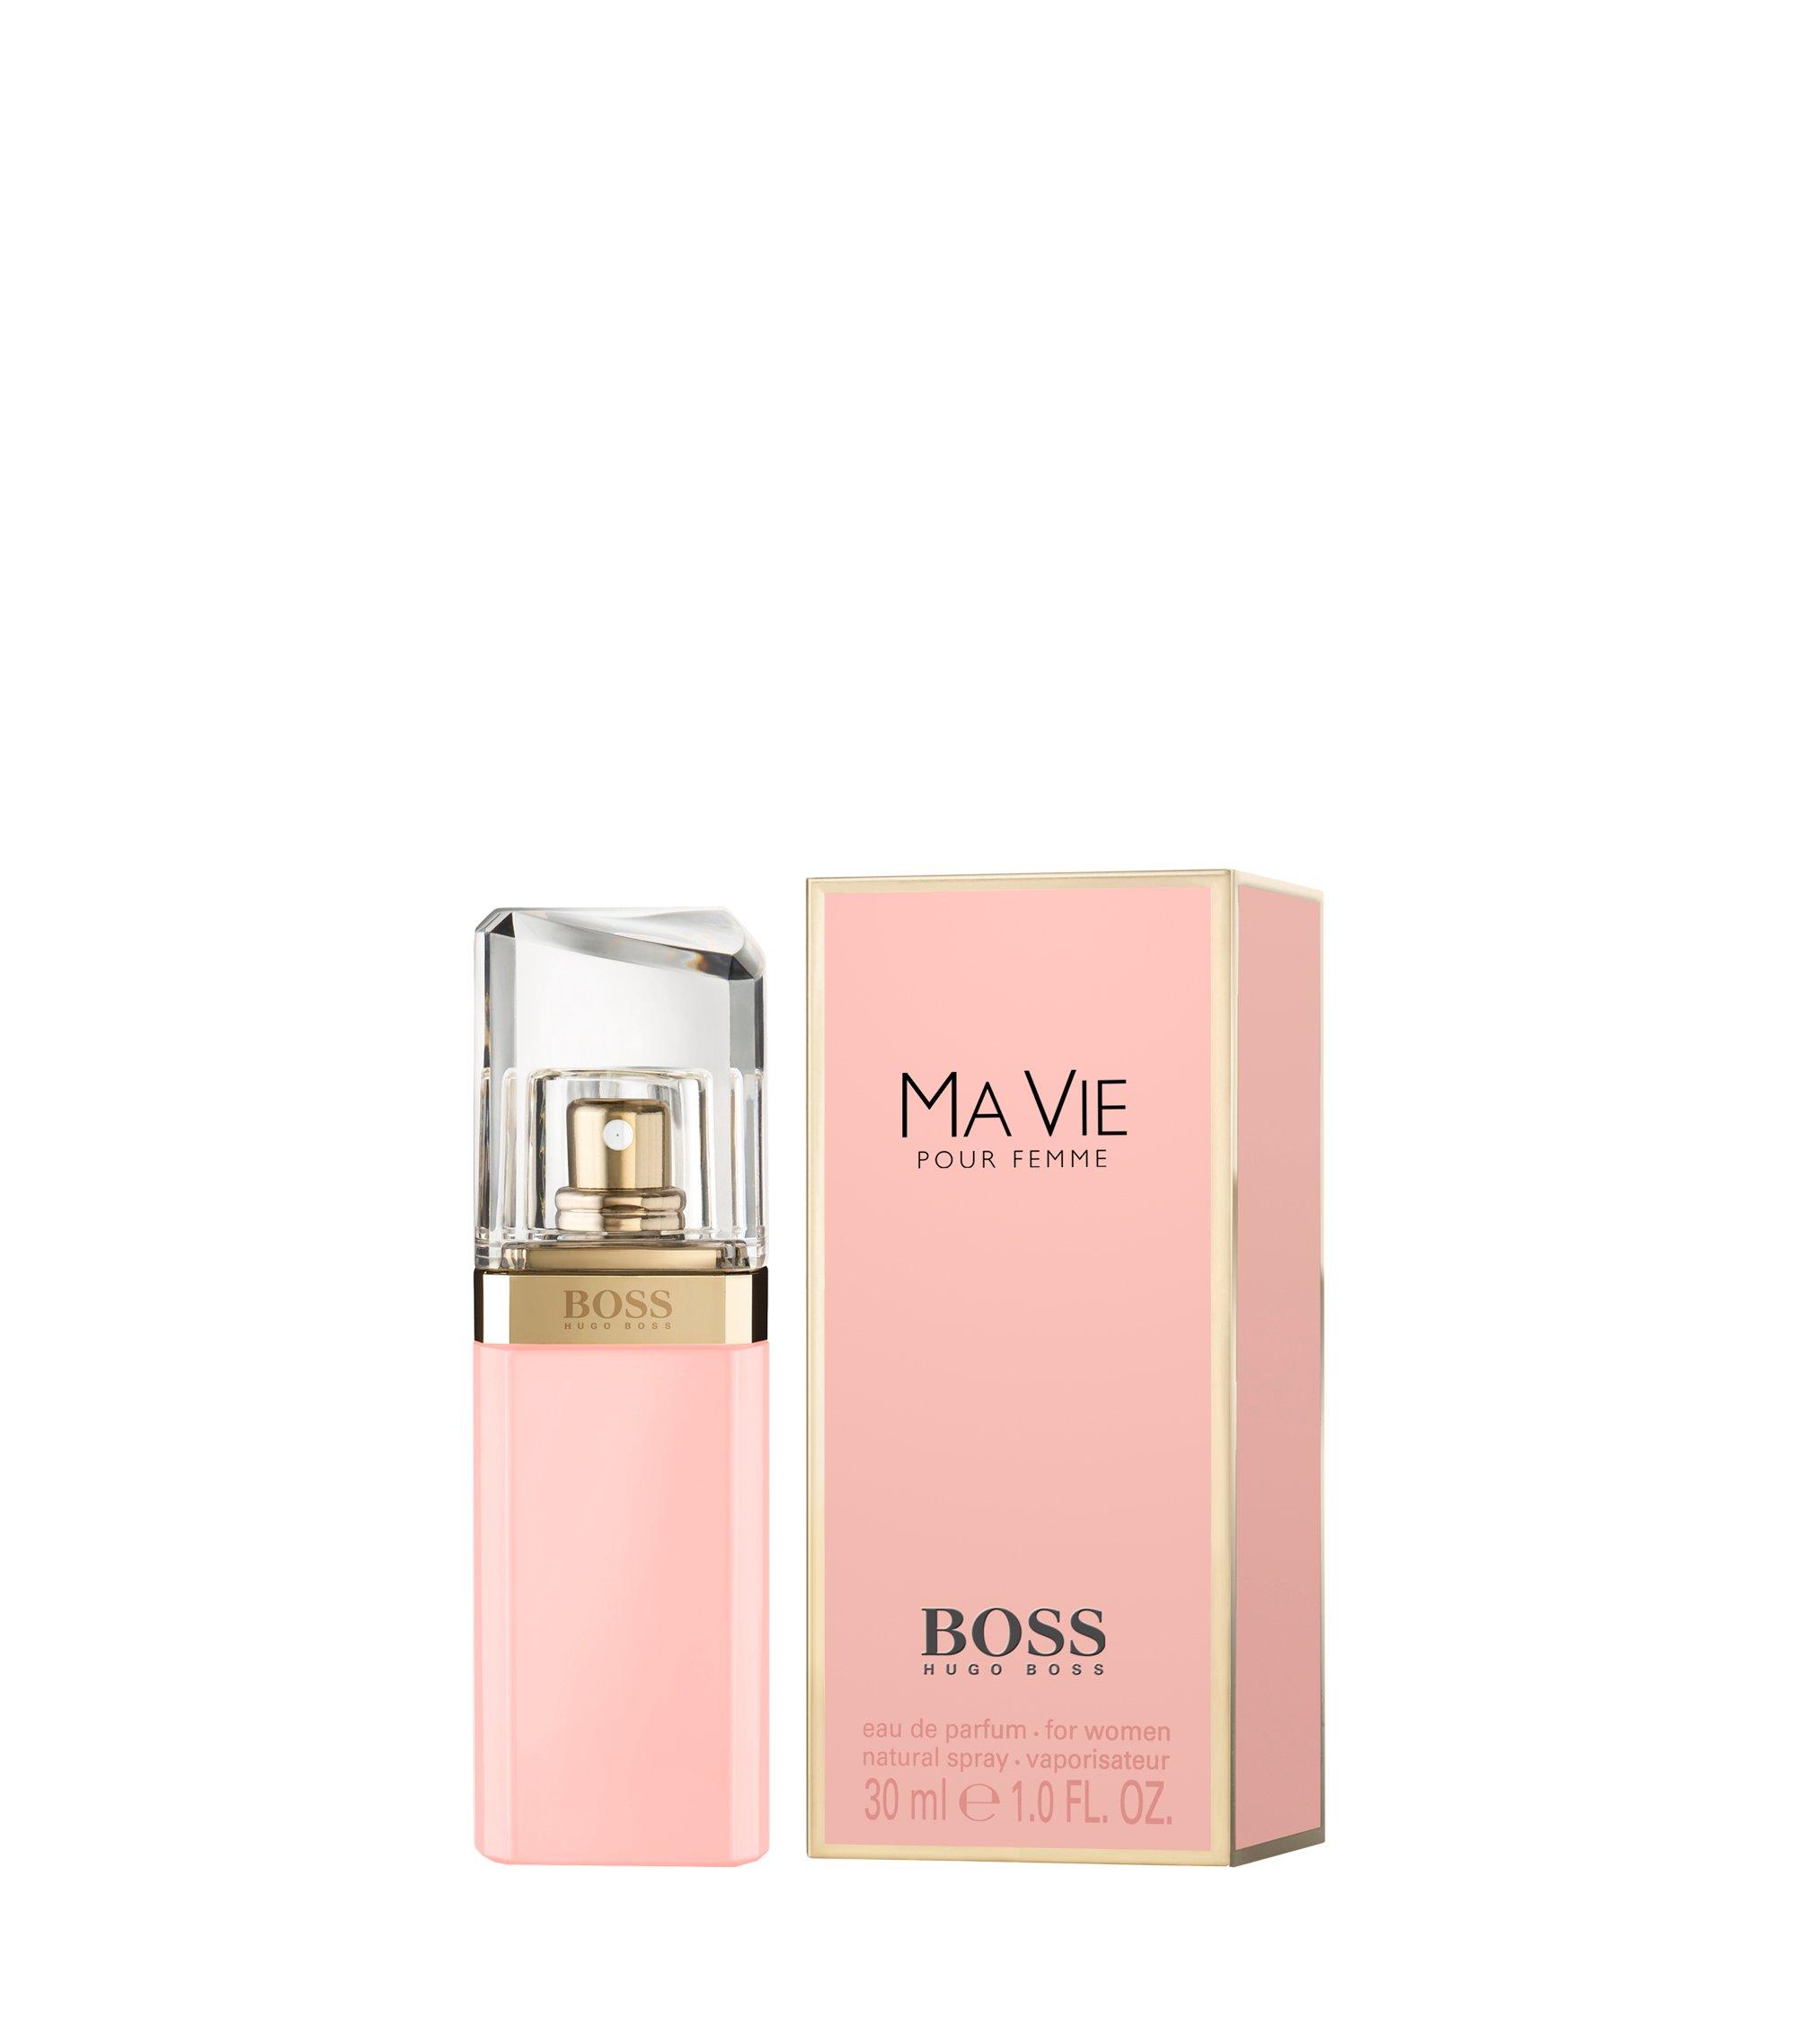 Eau de Parfum BOSS Ma Vie pour femme, 30ml, Assorted-Pre-Pack